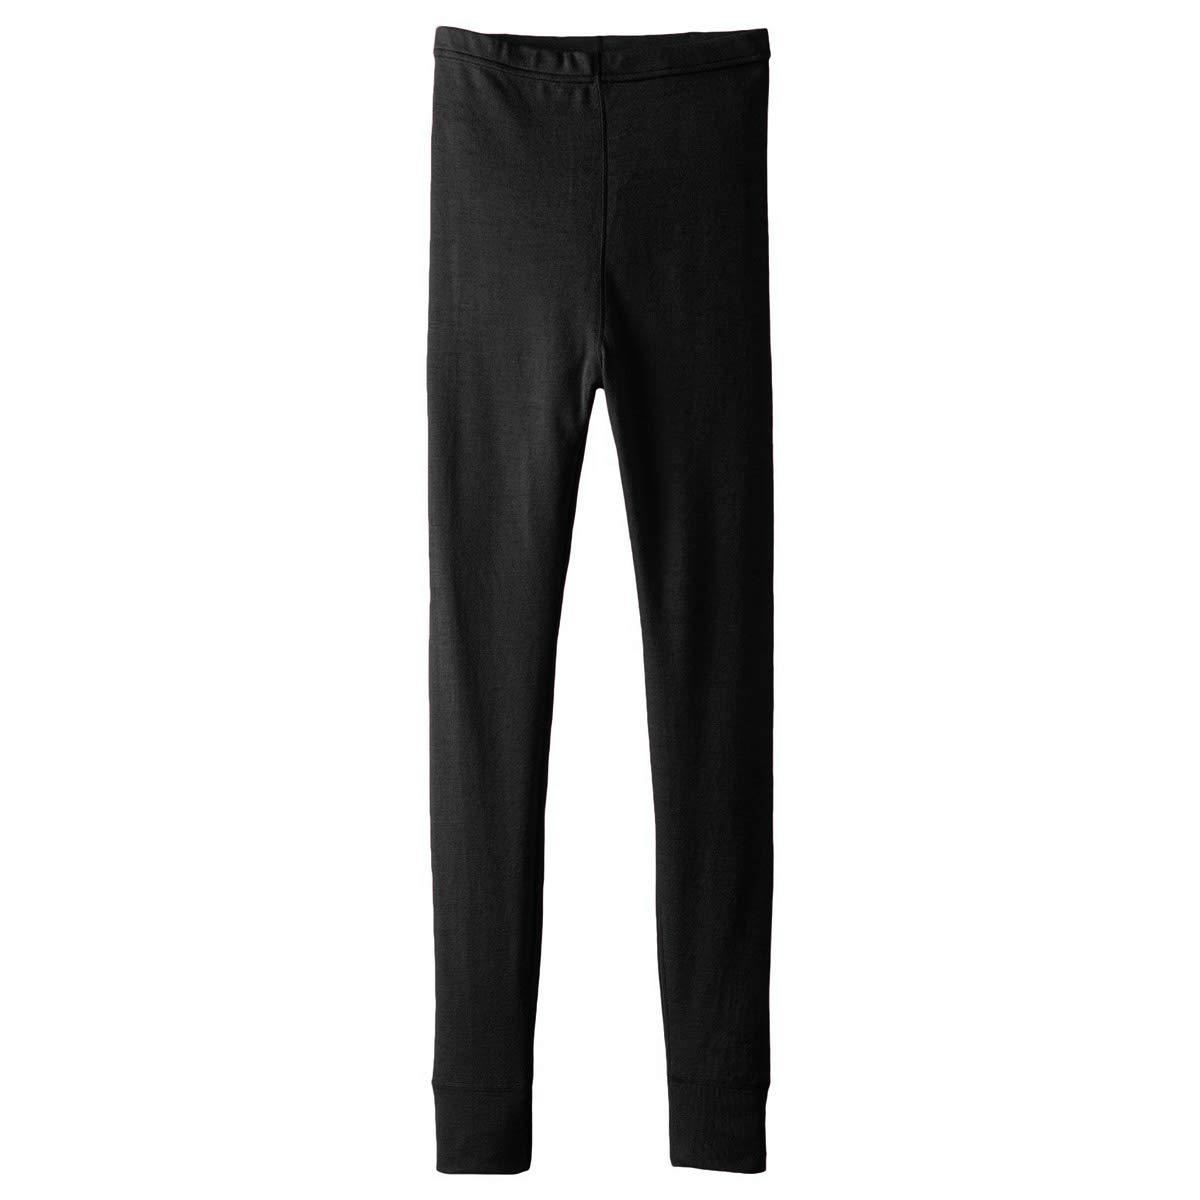 Minus33 Merino Wool Clothing Boys T-Rex Midweight Wool Bottom, Black, Large